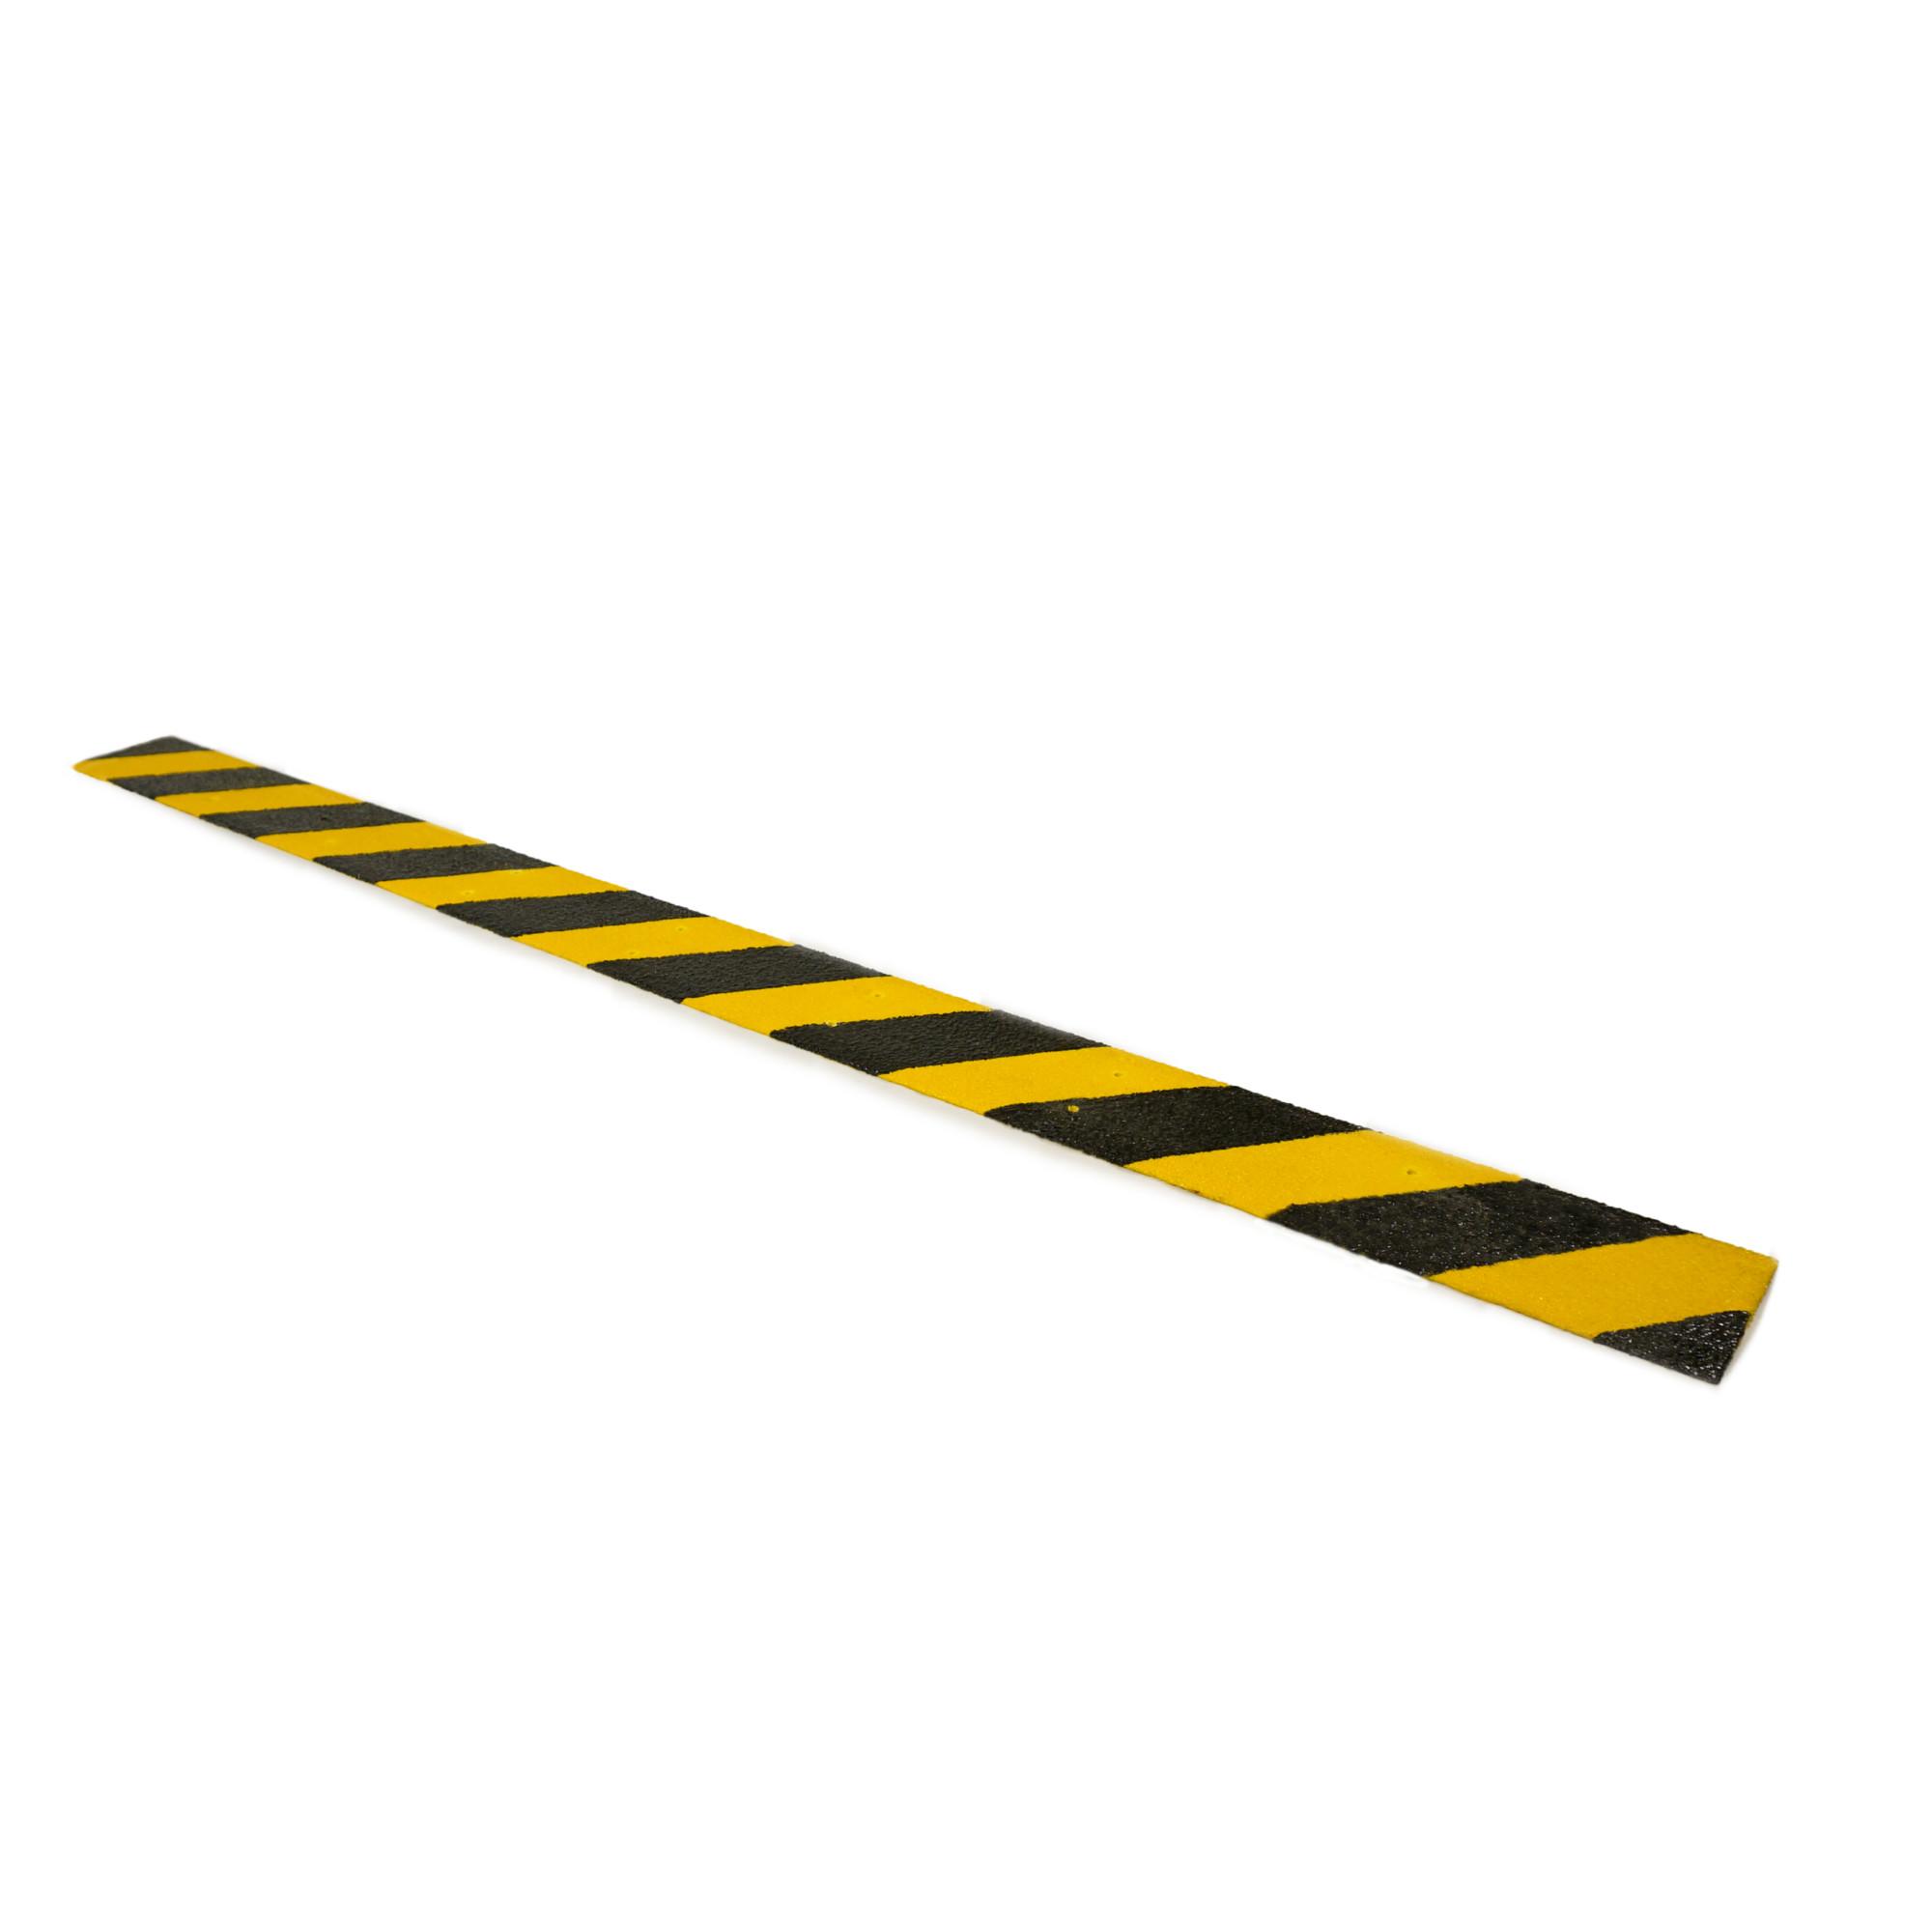 Non-Slip Hazard Strip